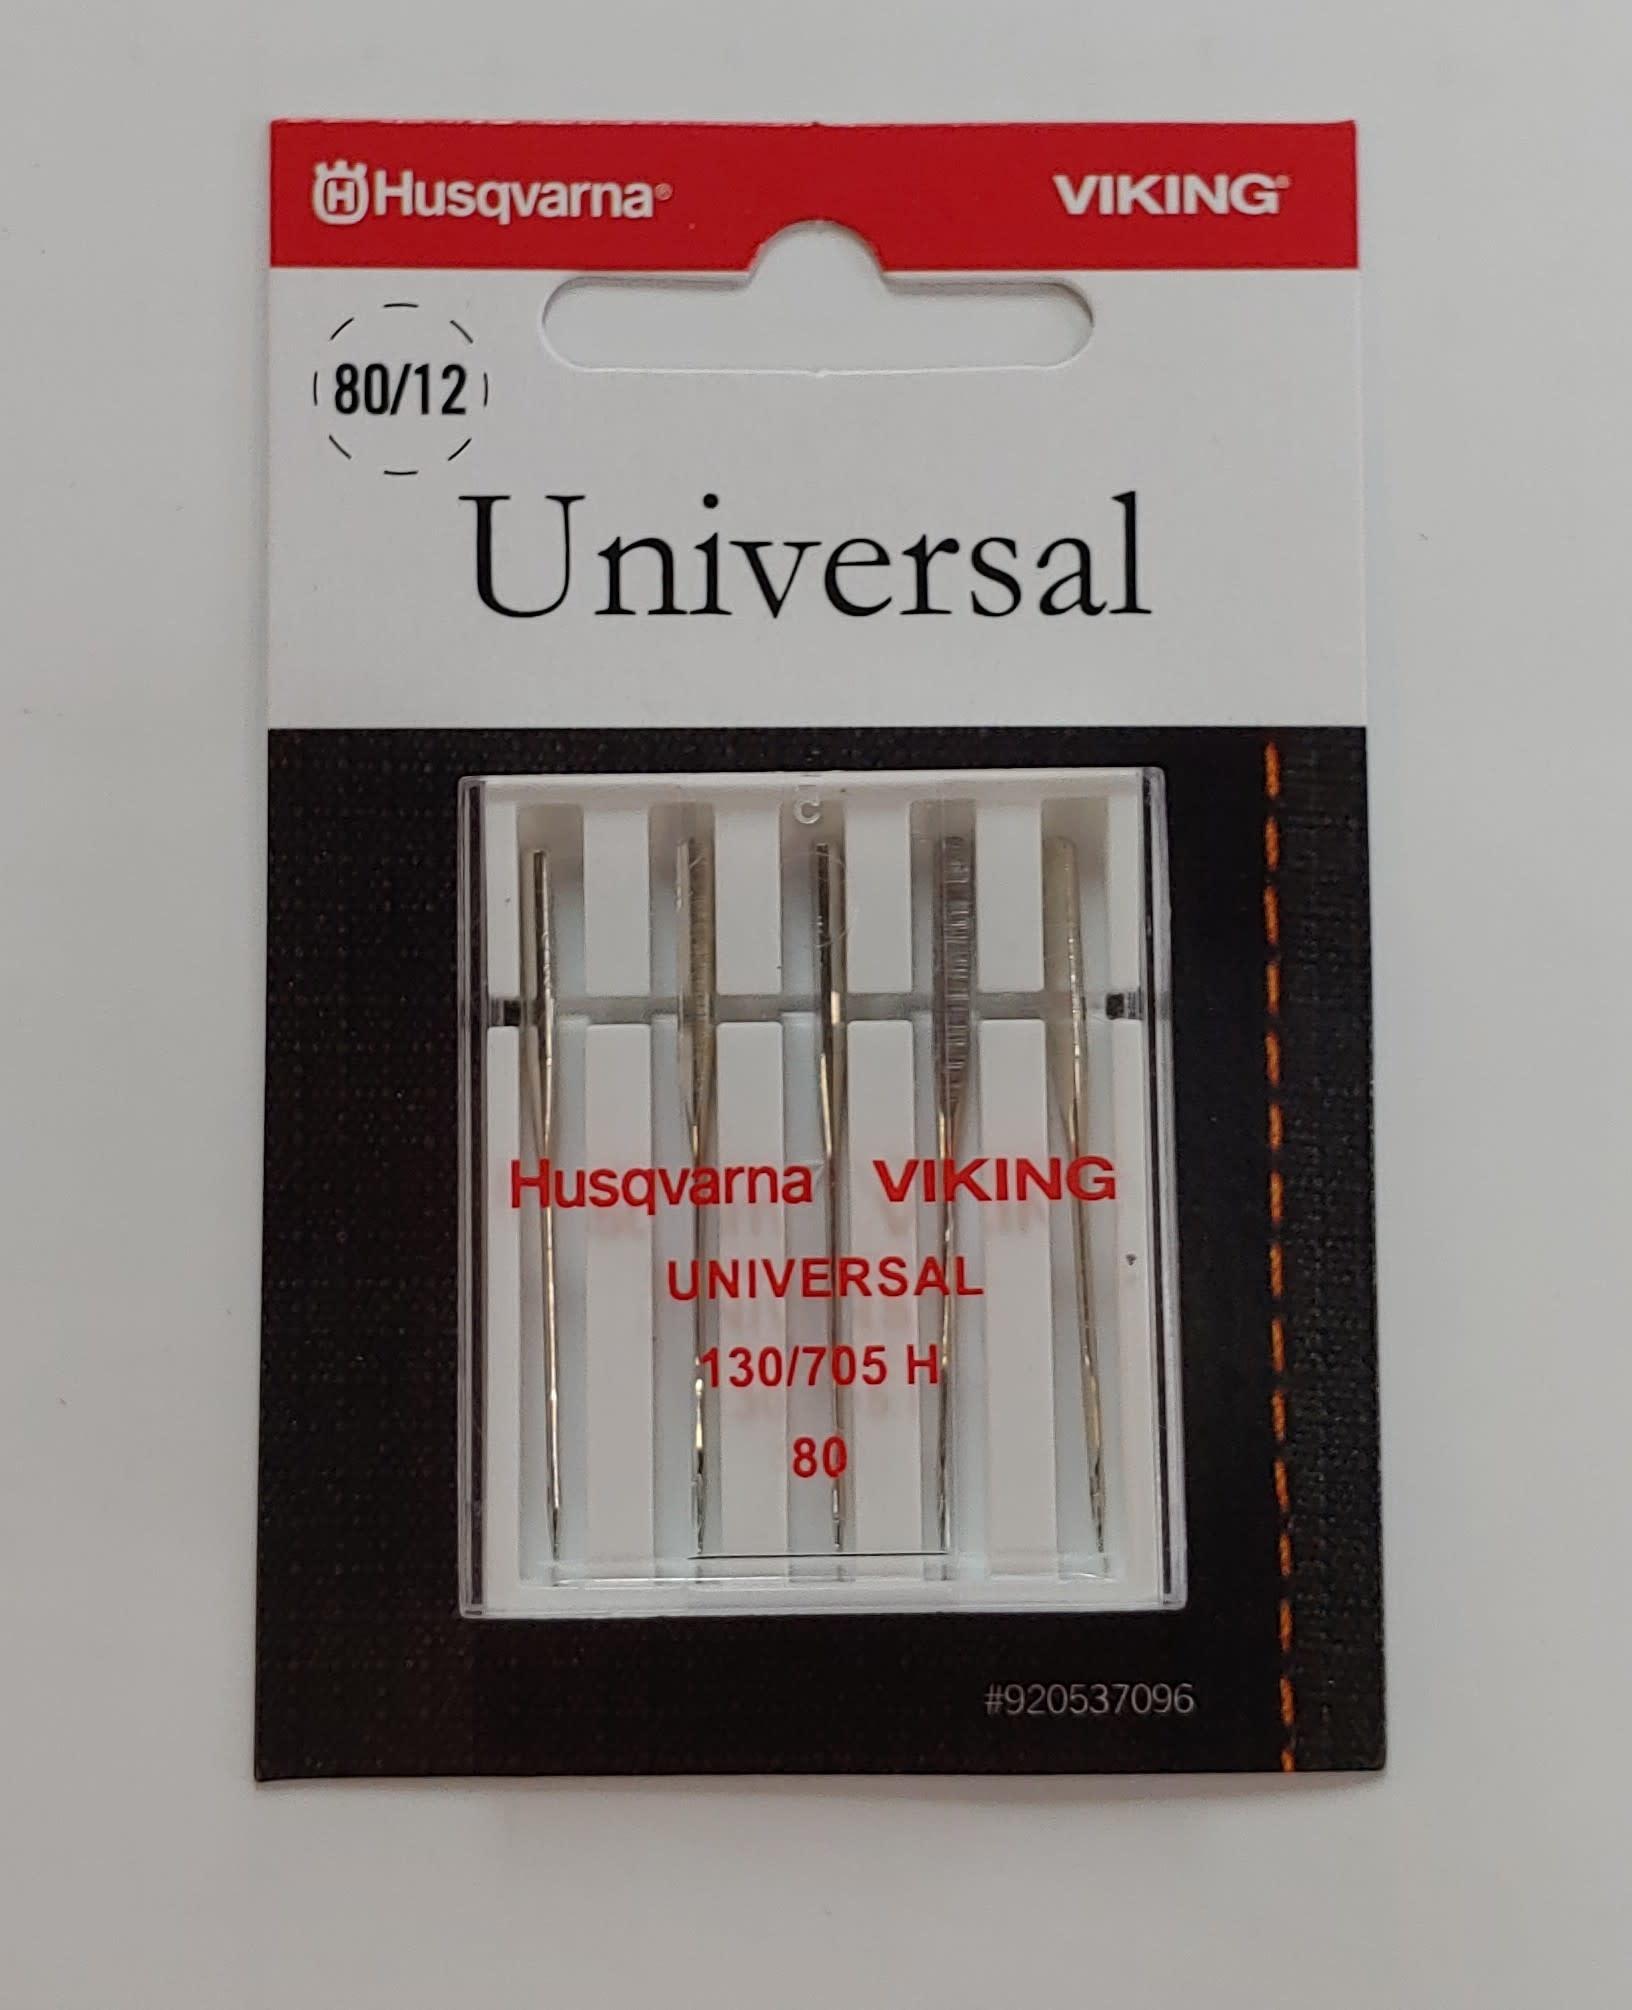 HUSQVARNA VIKING Husqvarna UNIVERSAL NEEDLES 80/12 130/705H 5 pack